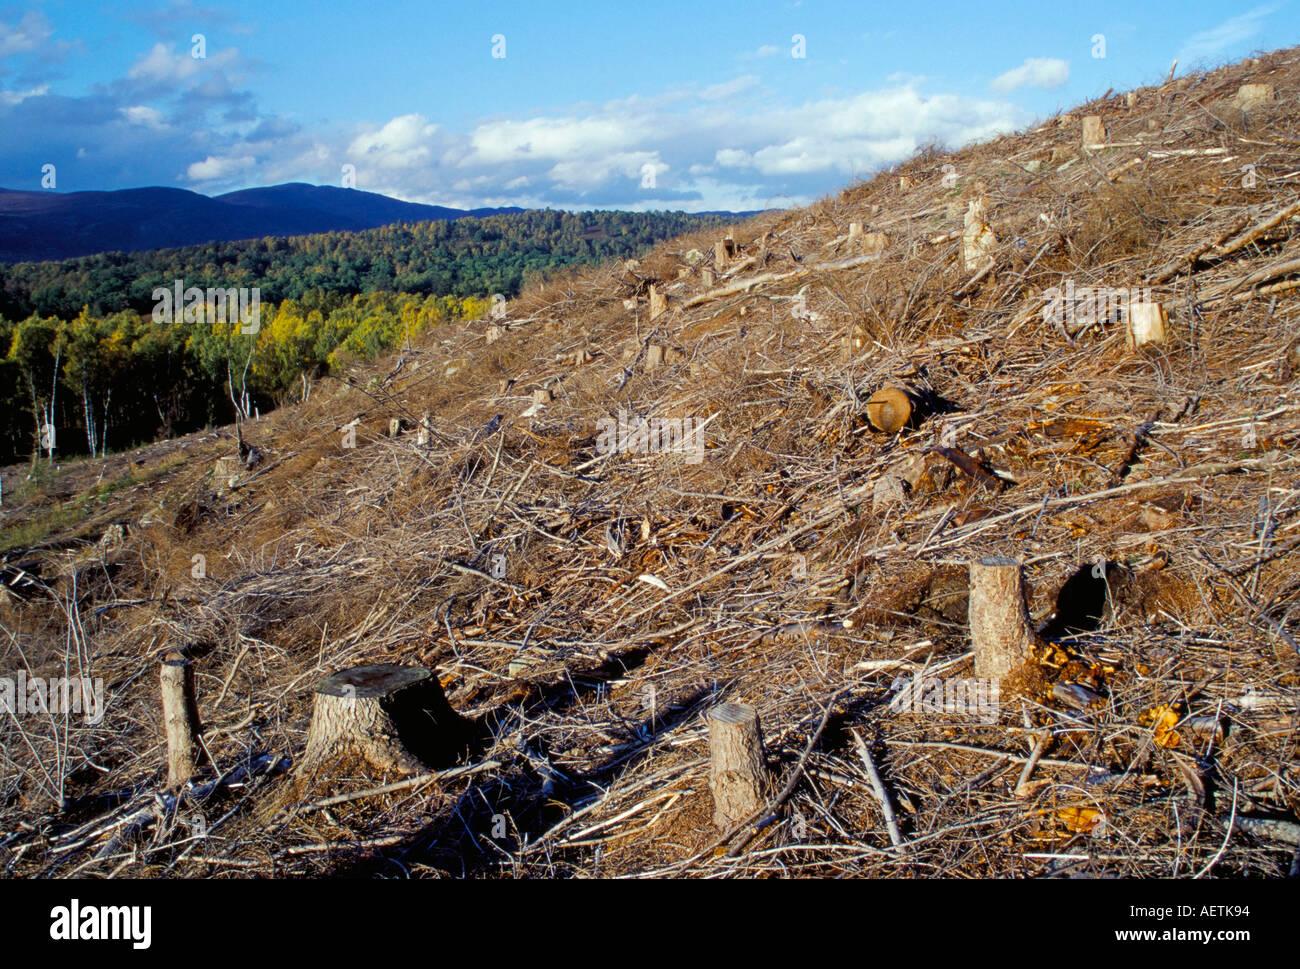 Zona de deforestación cerca de Aviemore Highlands de Escocia Reino Unido Europa Imagen De Stock